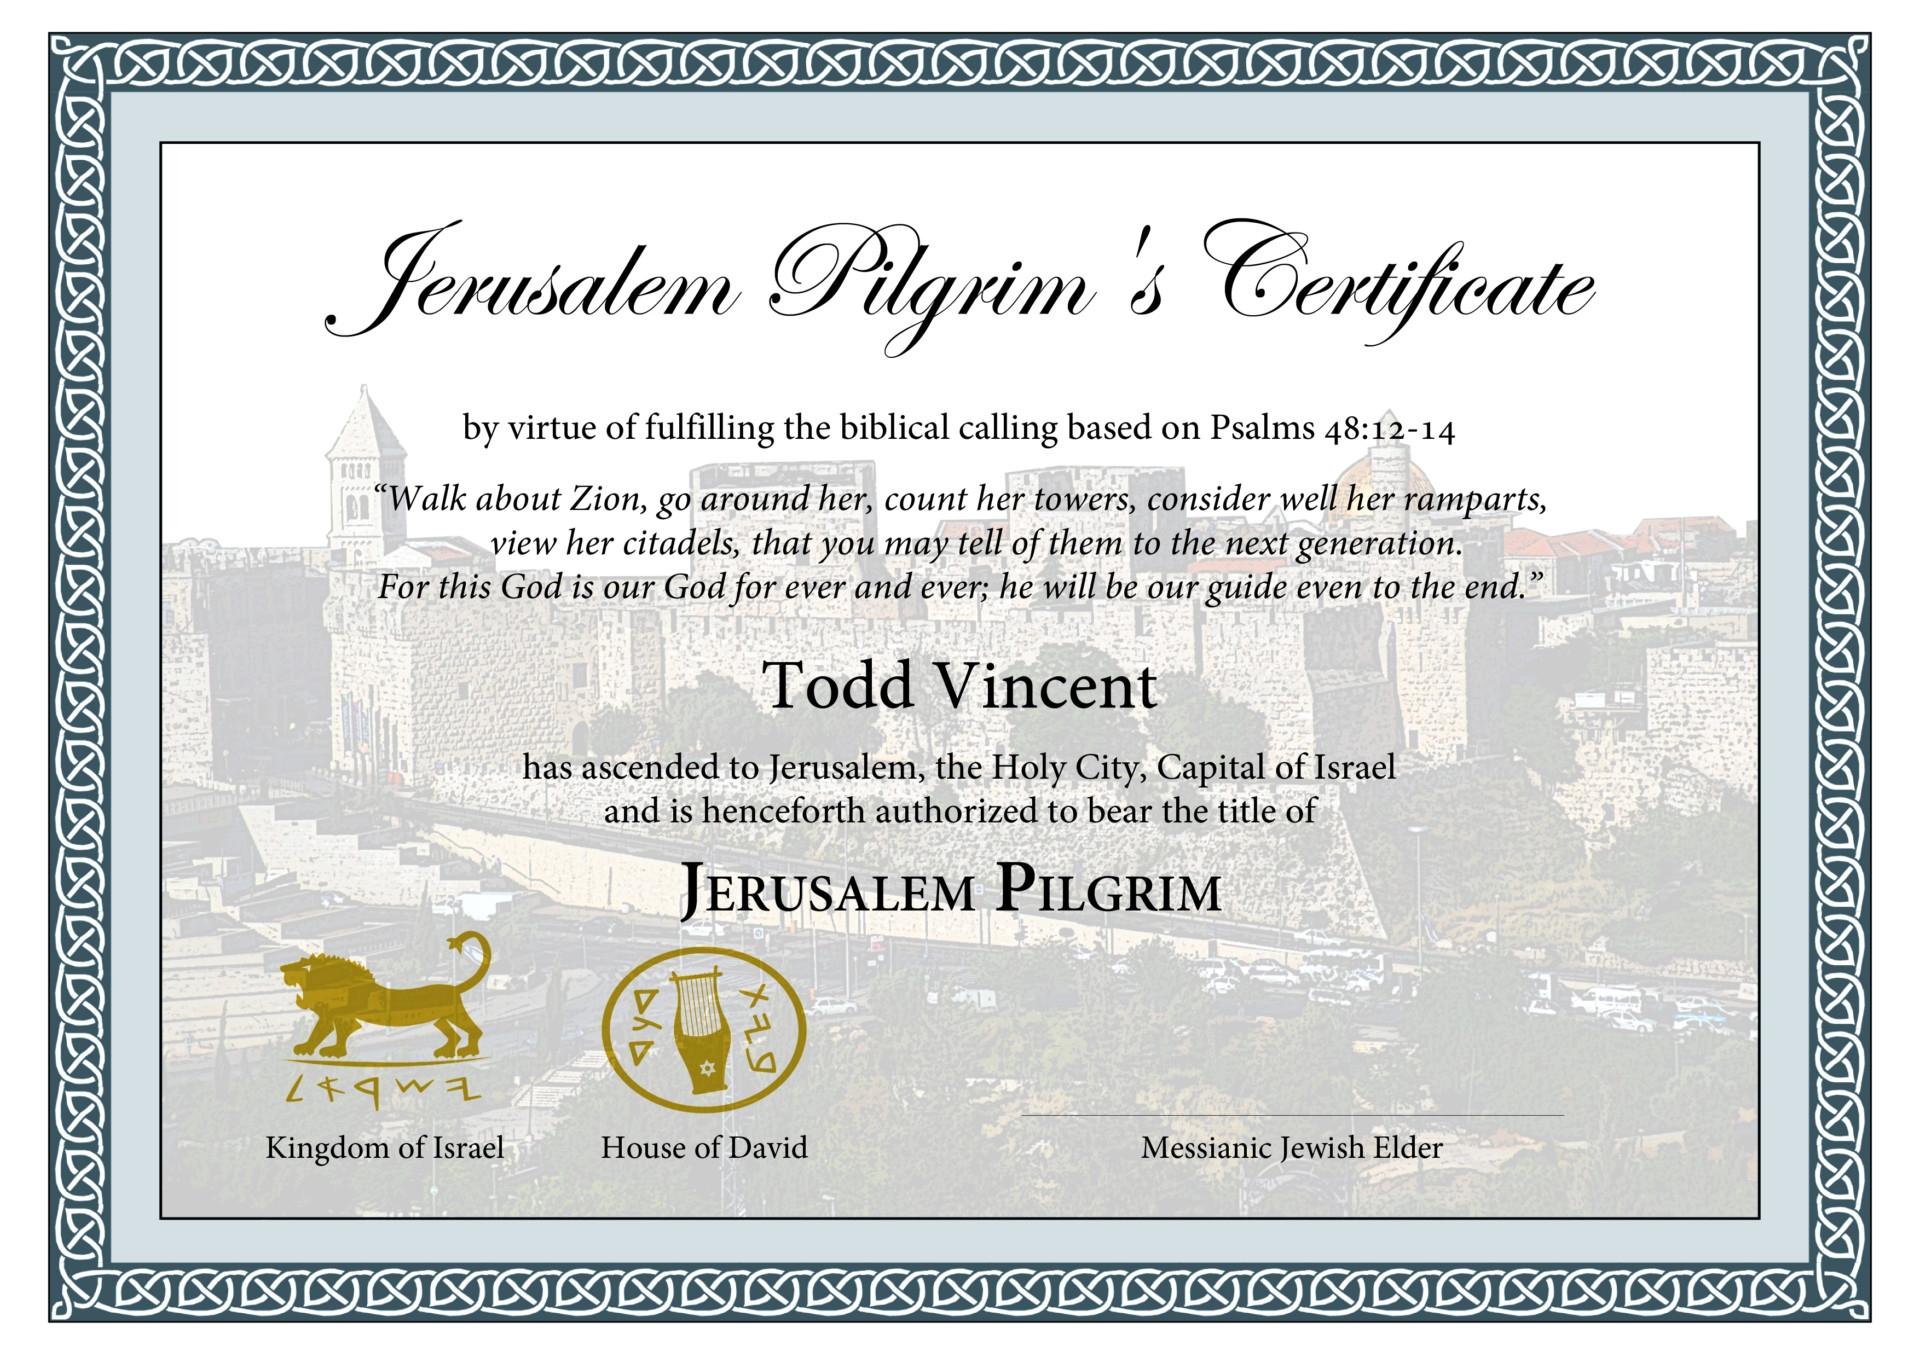 Certificado-de-Peregrino-copy.jpg